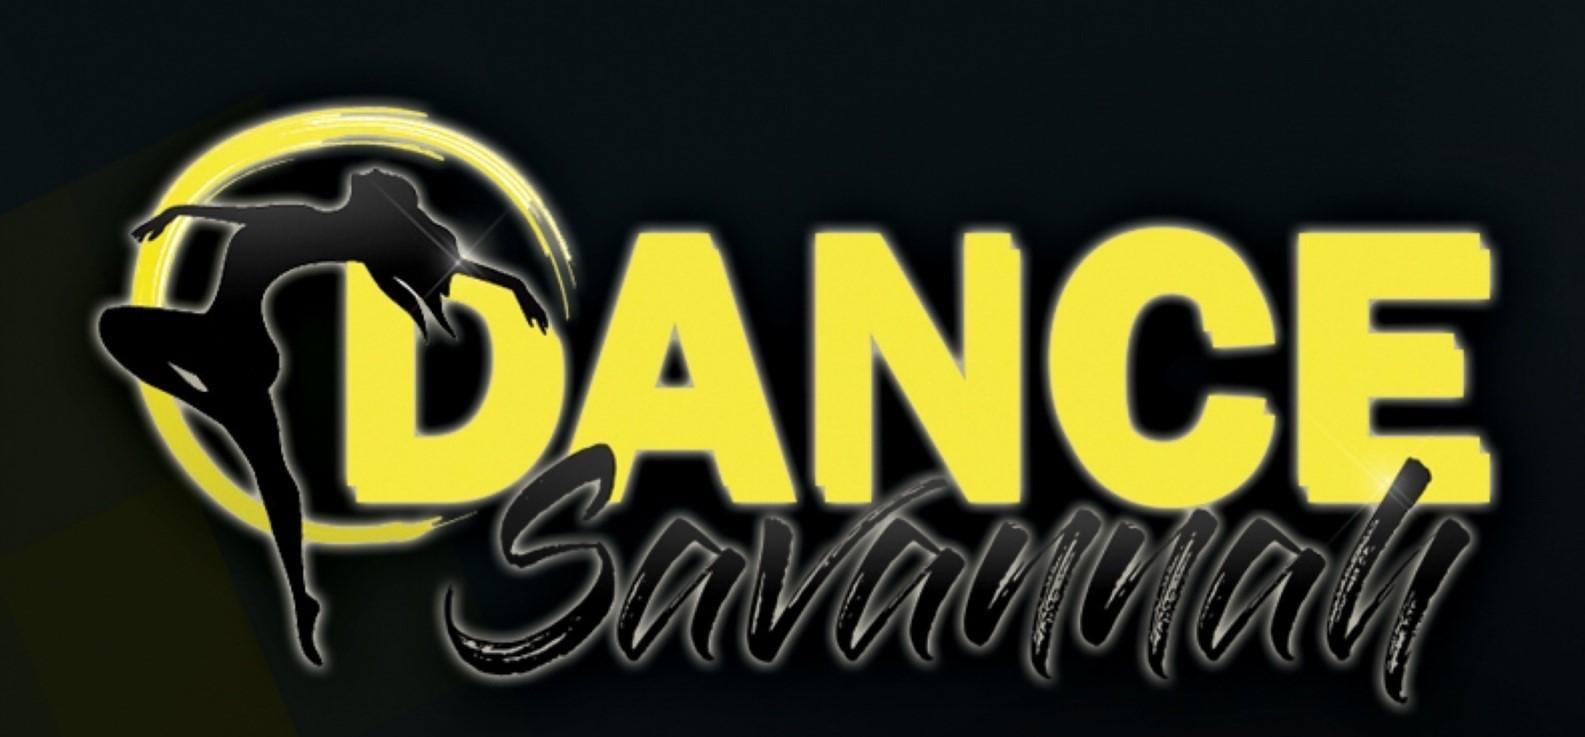 Dance Savannah